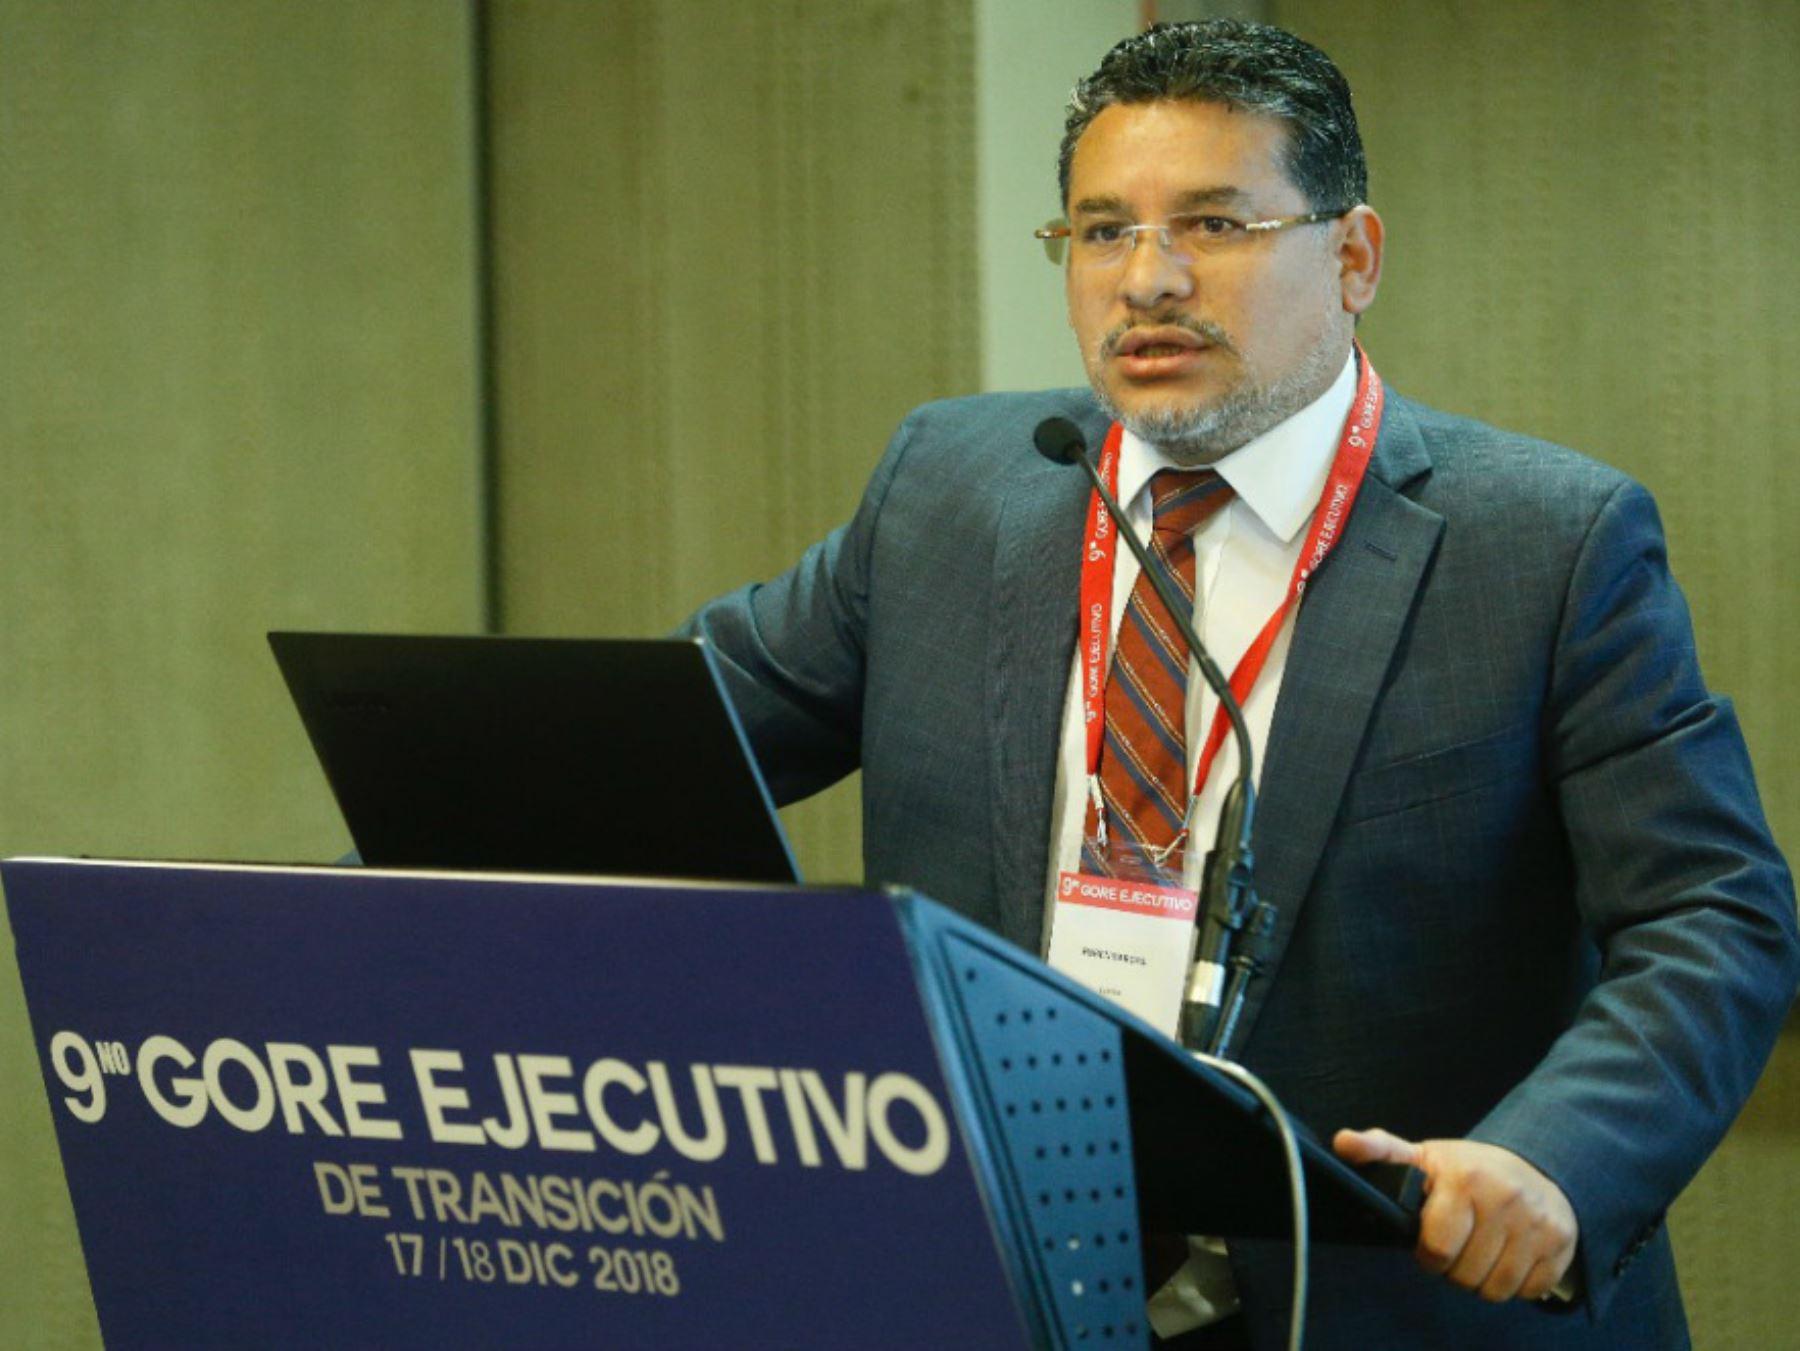 El presidente ejecutivo de la Comisión Nacional para el Desarrollo y Vida sin Drogas (Devida), Rubén Vargas.